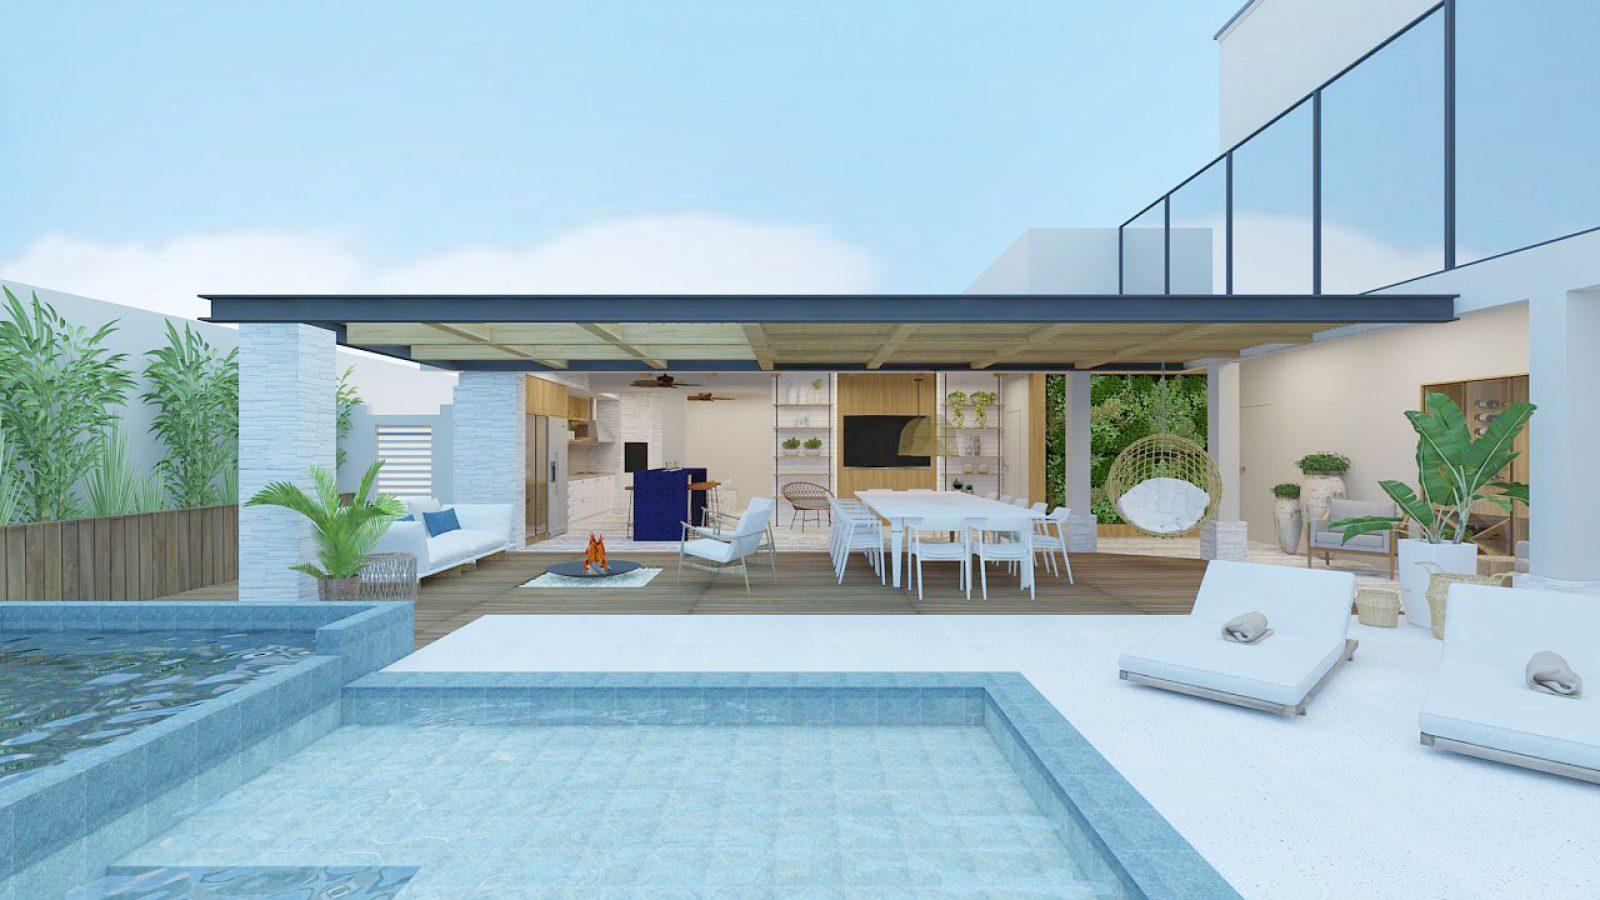 Área externa da casa, com piscina, mesa e cadeiras brancas.